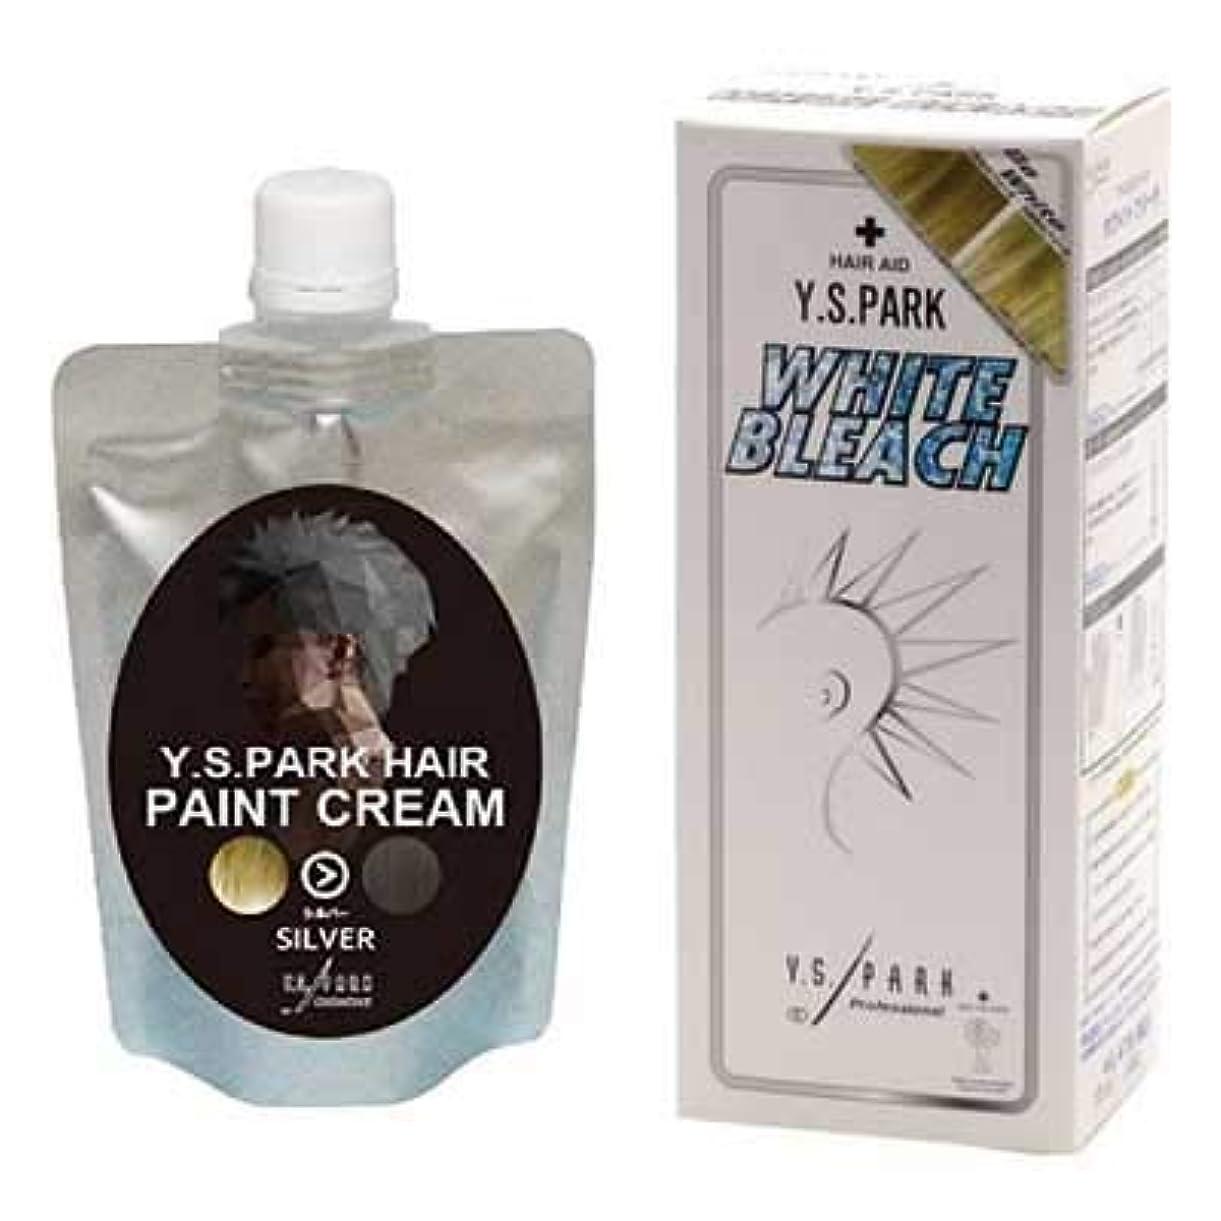 アドバンテージペチコート原告Y.S.PARKヘアペイントクリーム シルバー 200g & Y.S.PARKホワイトブリーチセット